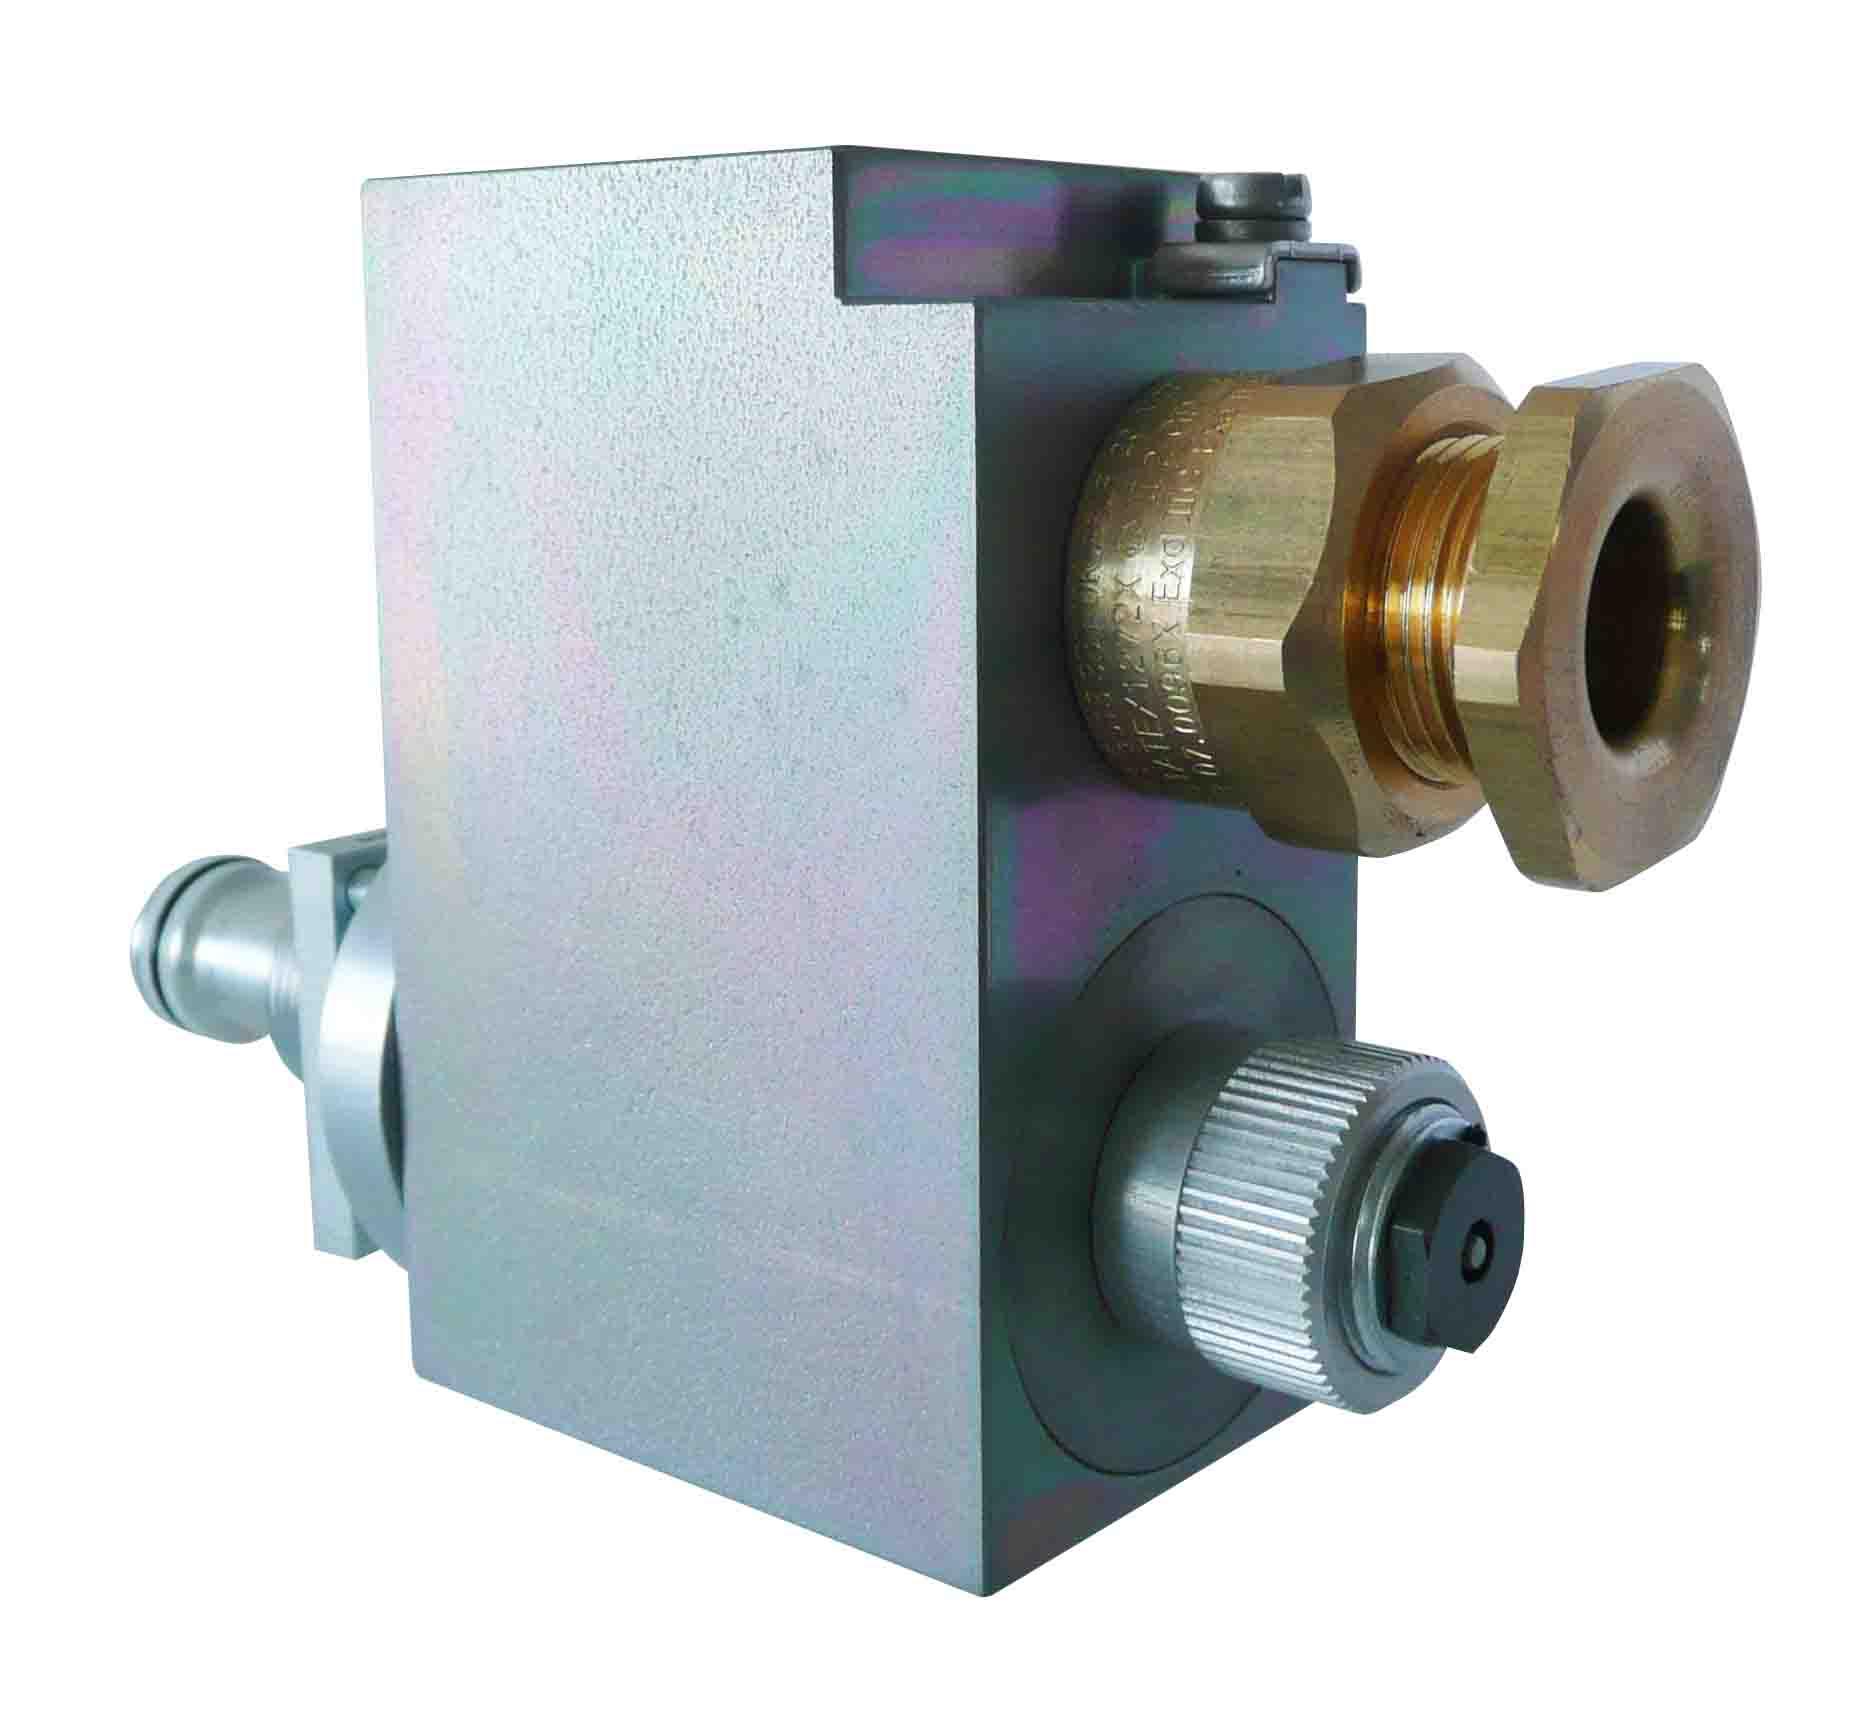 Proporcionální pojistný ventil do výbušného prostředí